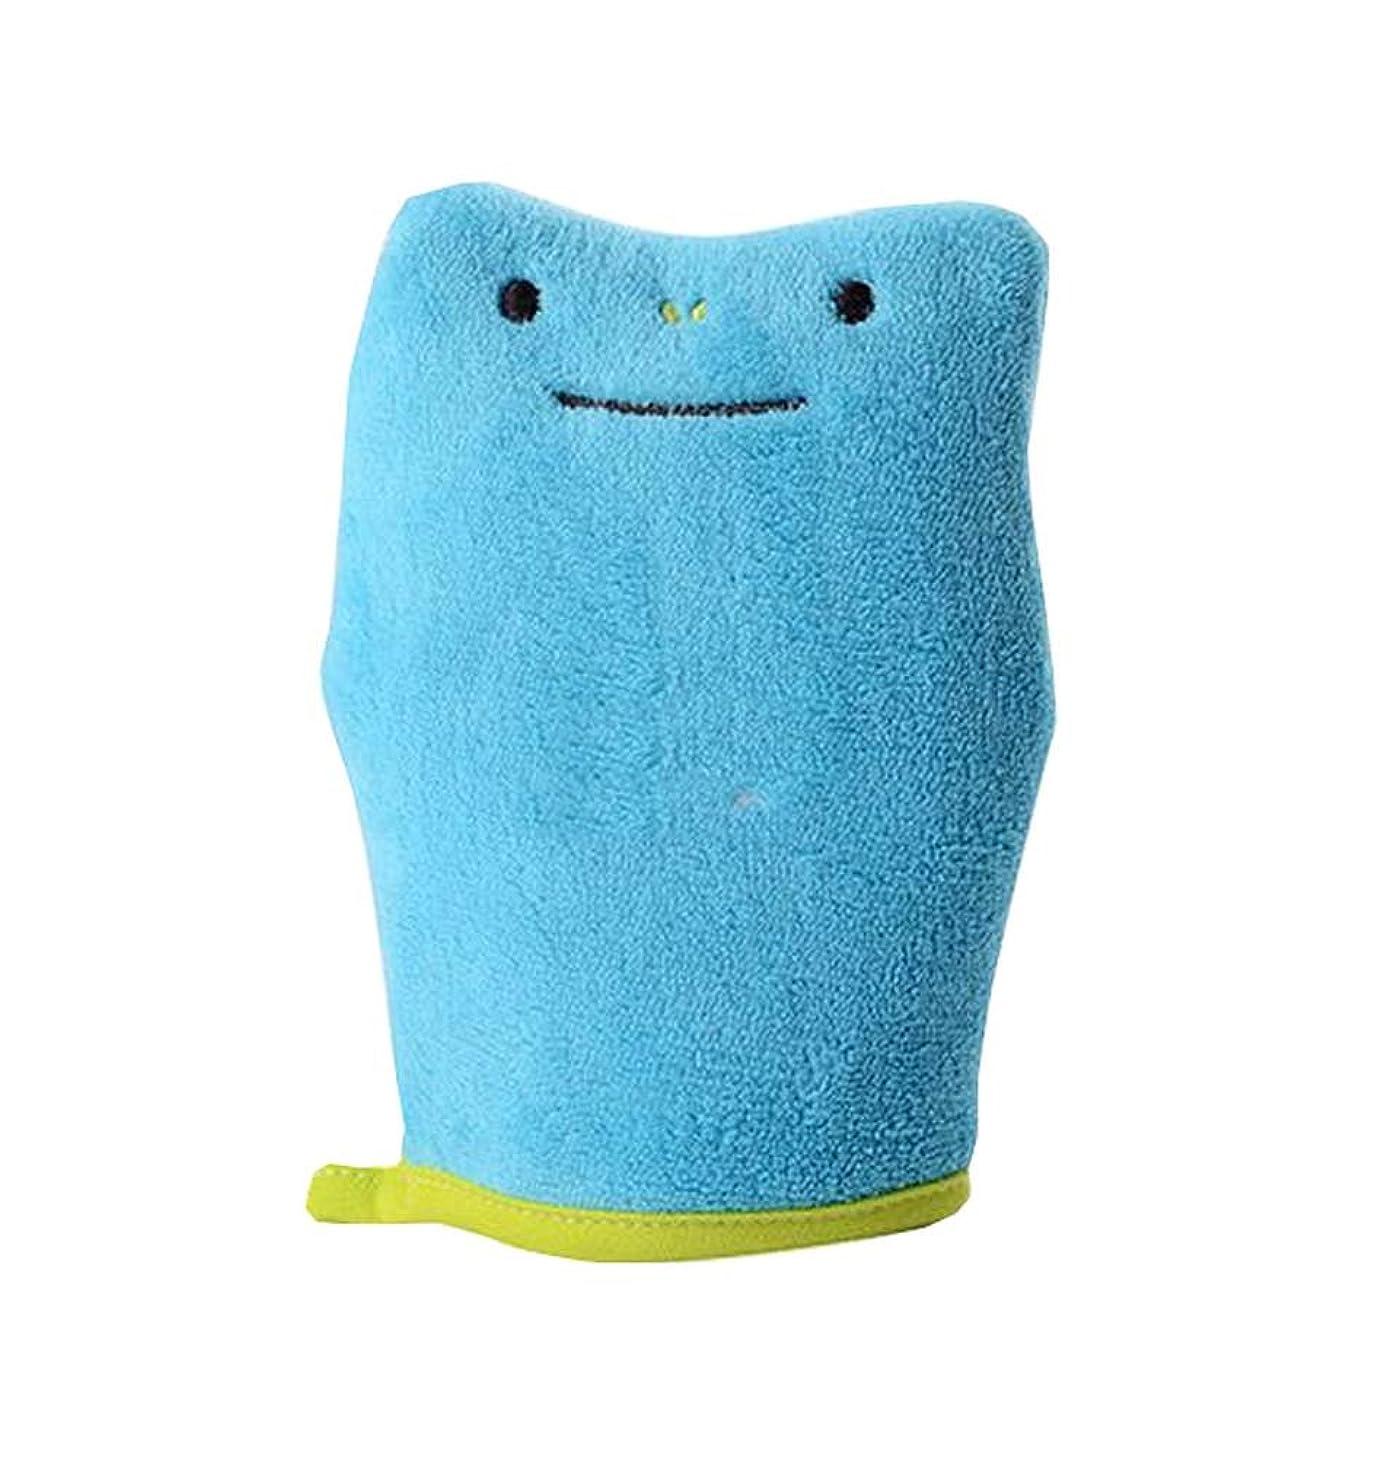 伝染病背景ゼロバスブラシスポンジバスタオル製品子供バススポンジ、ブルー